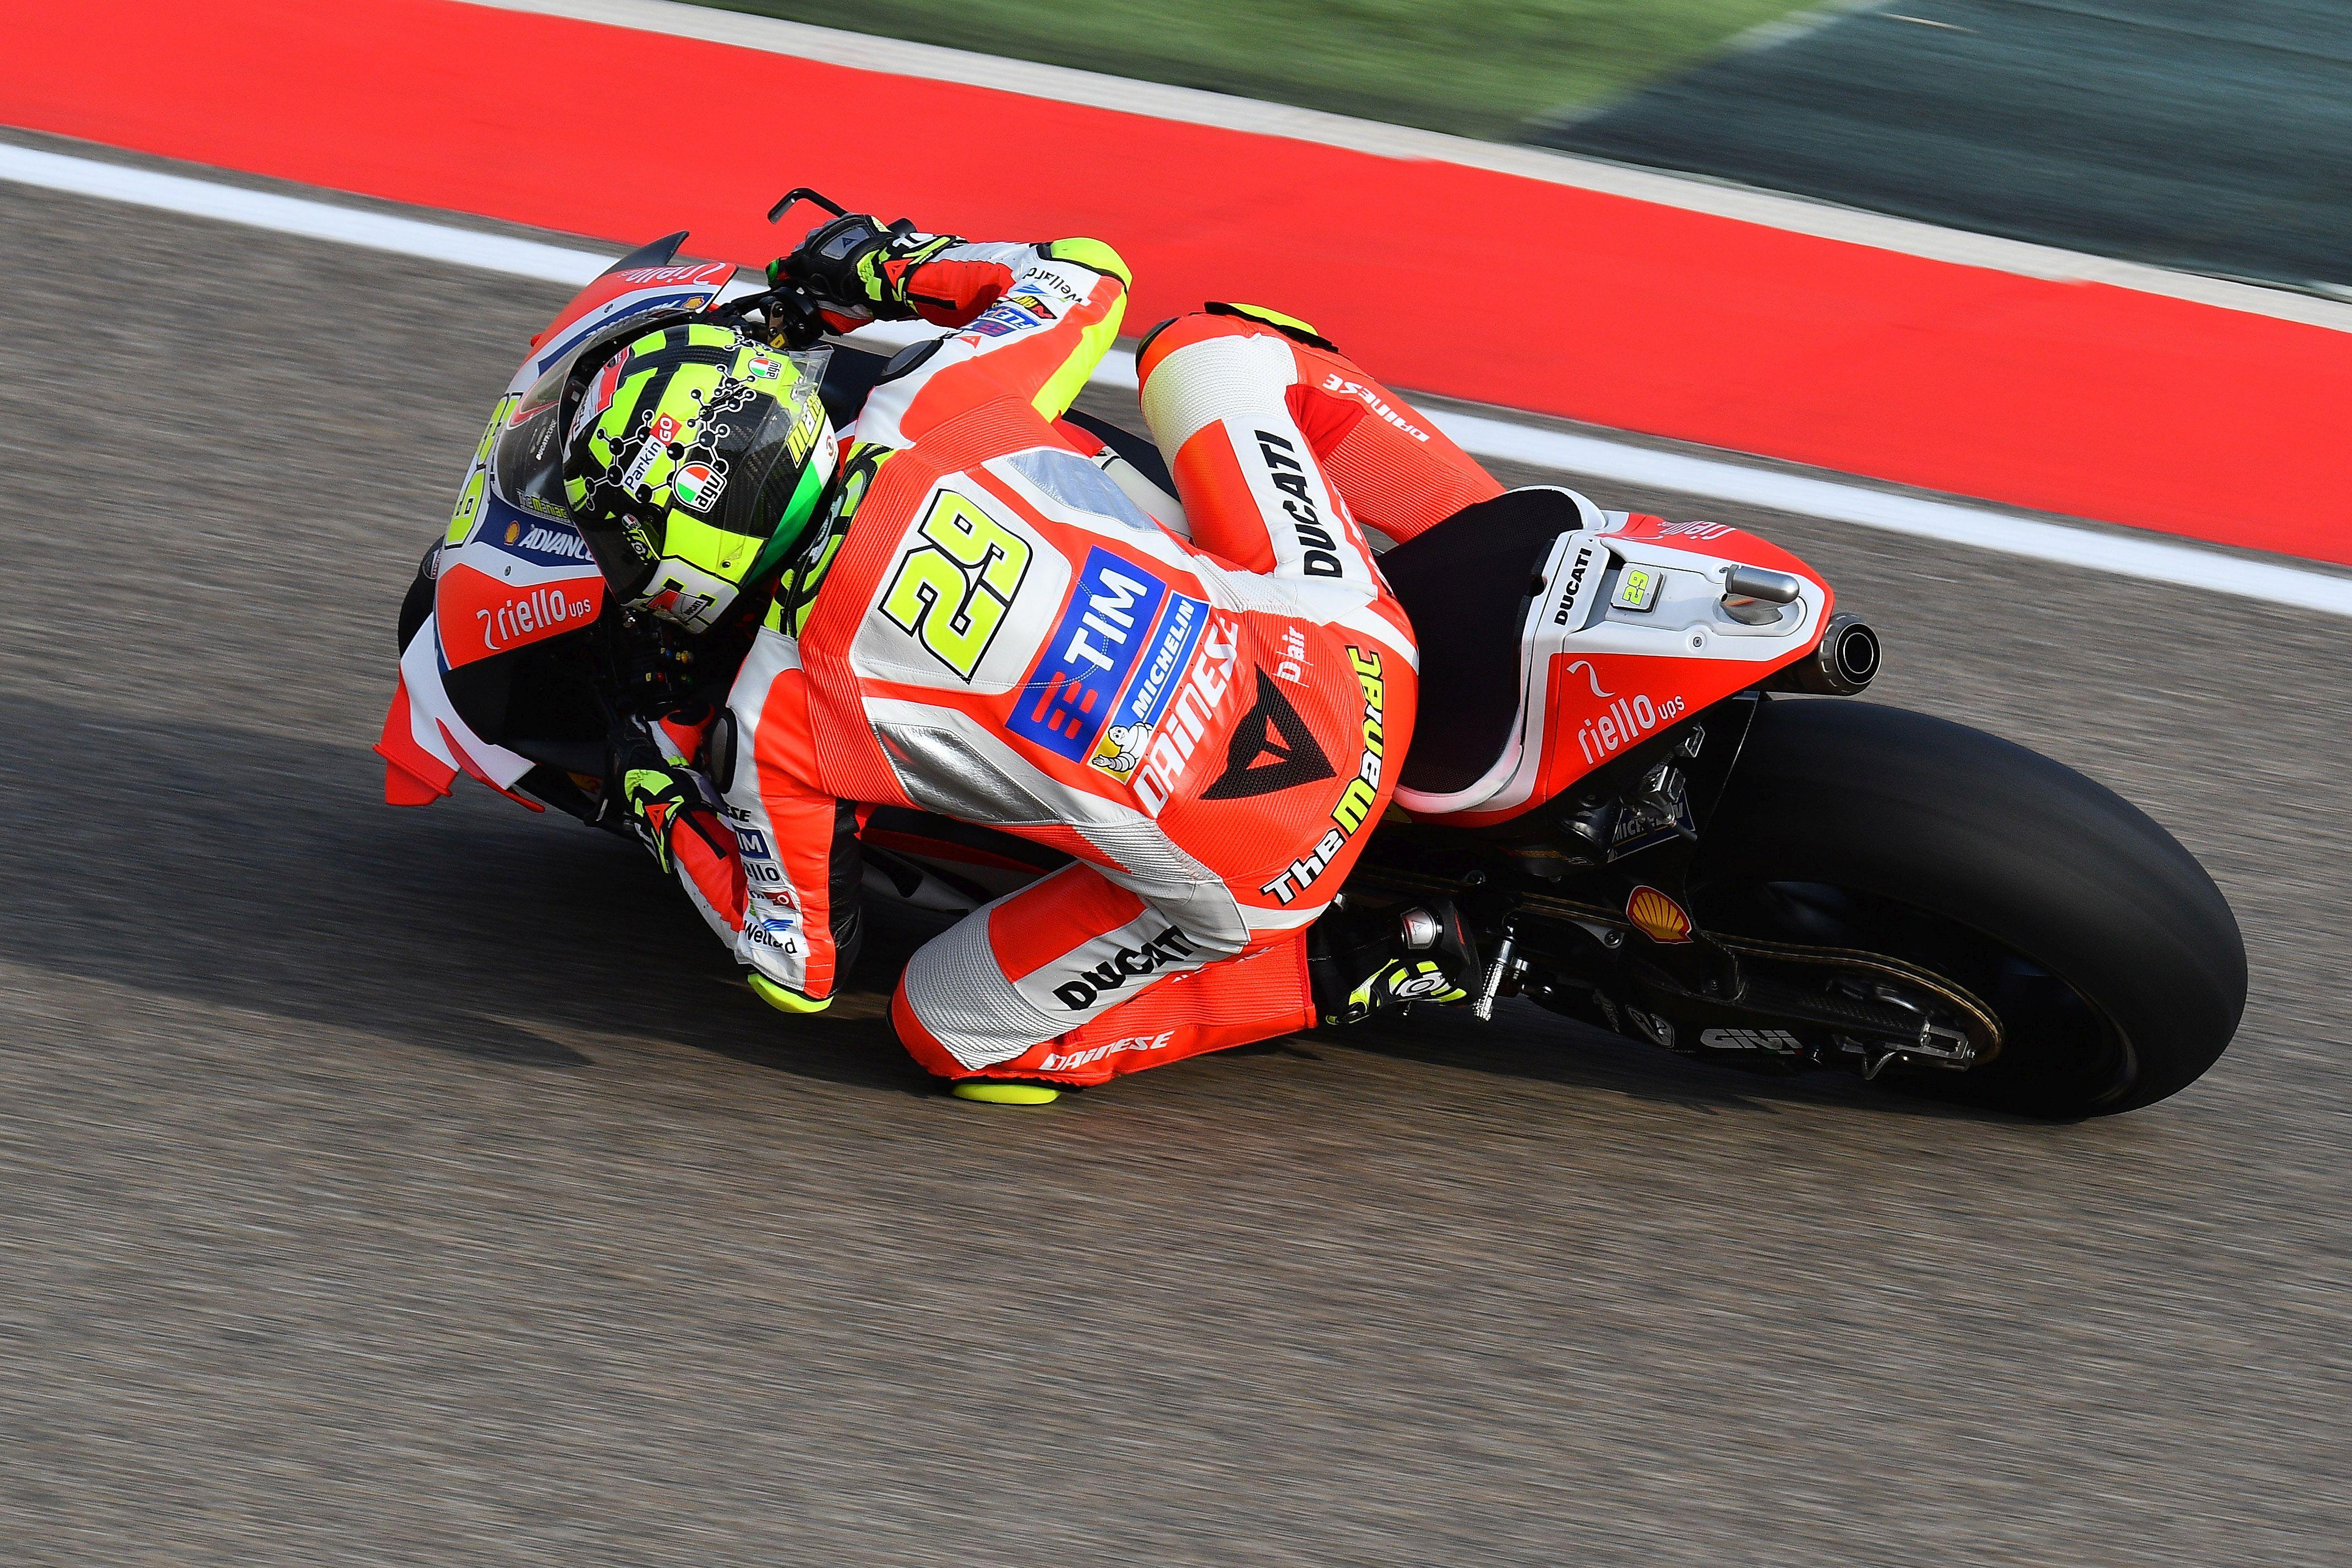 Andrea Iannone Pożegnał Się Z Ducati Jeden Z Najlepszych Wyścigów